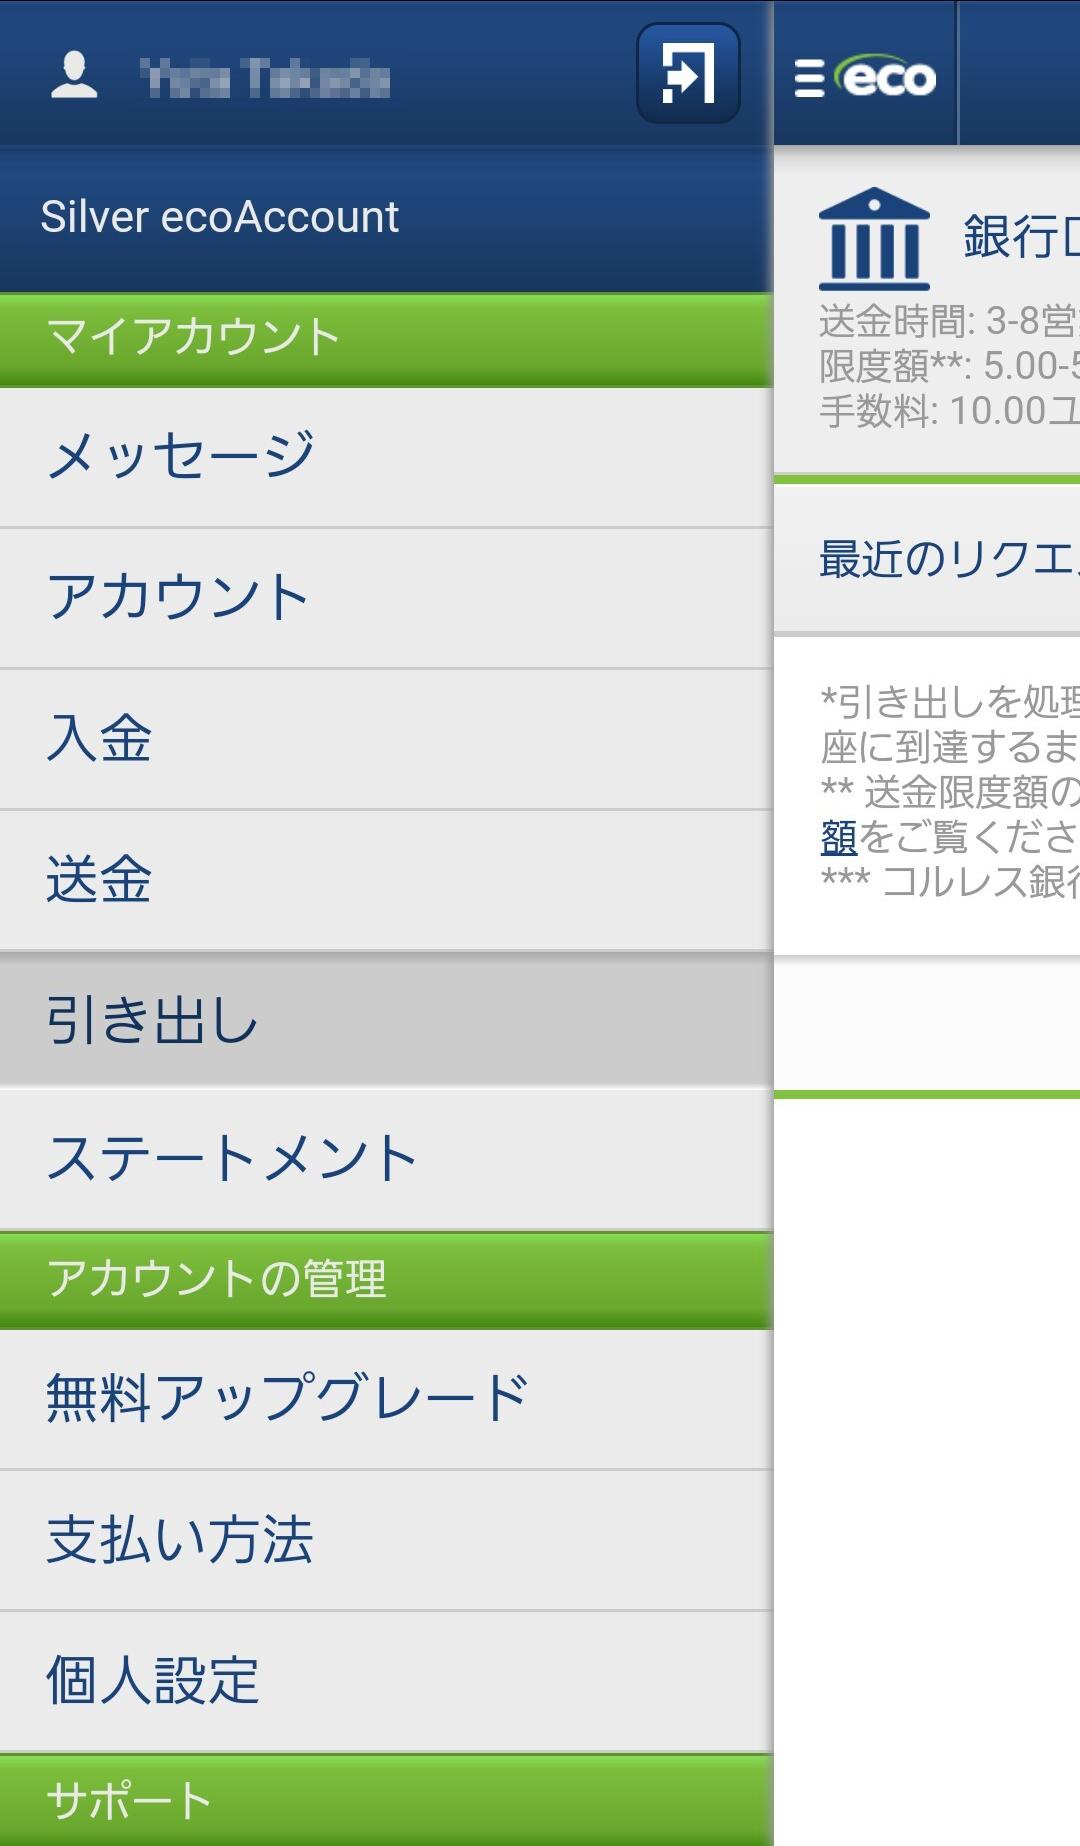 エコペイズアプリの画面の写真